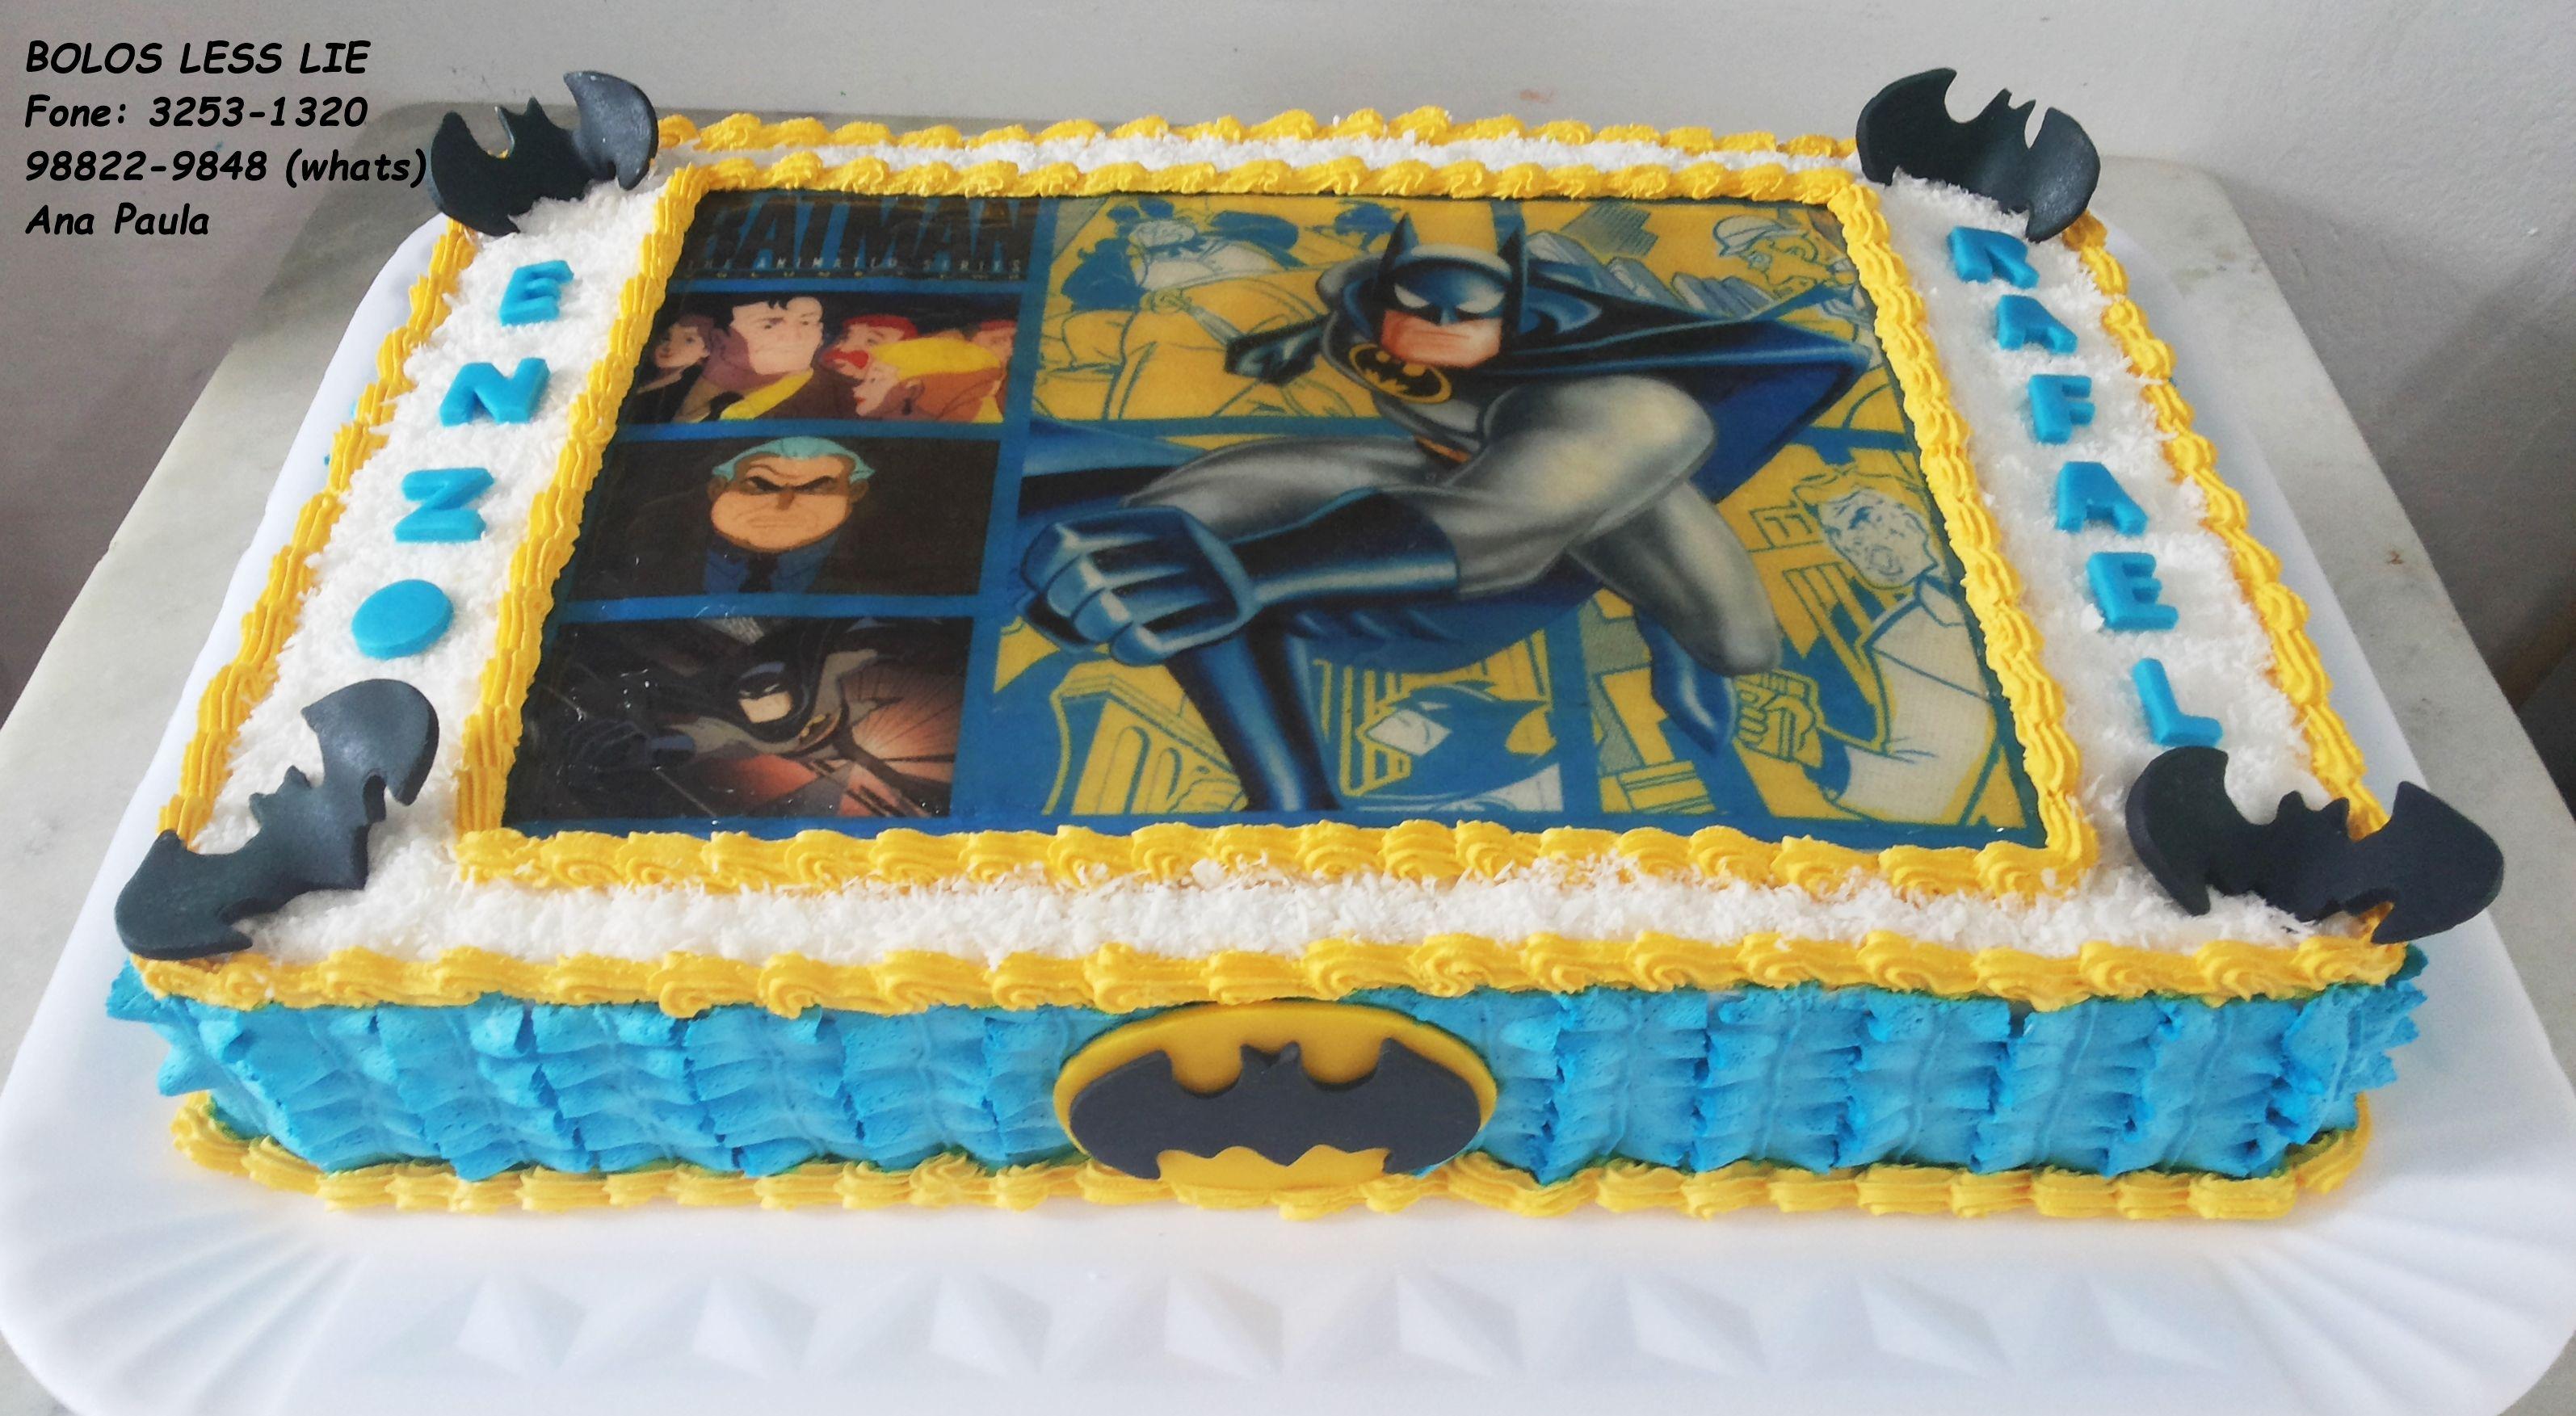 Bolo Do Batman Chantilly Bolo Batman Bolo Bolo De Chantilly